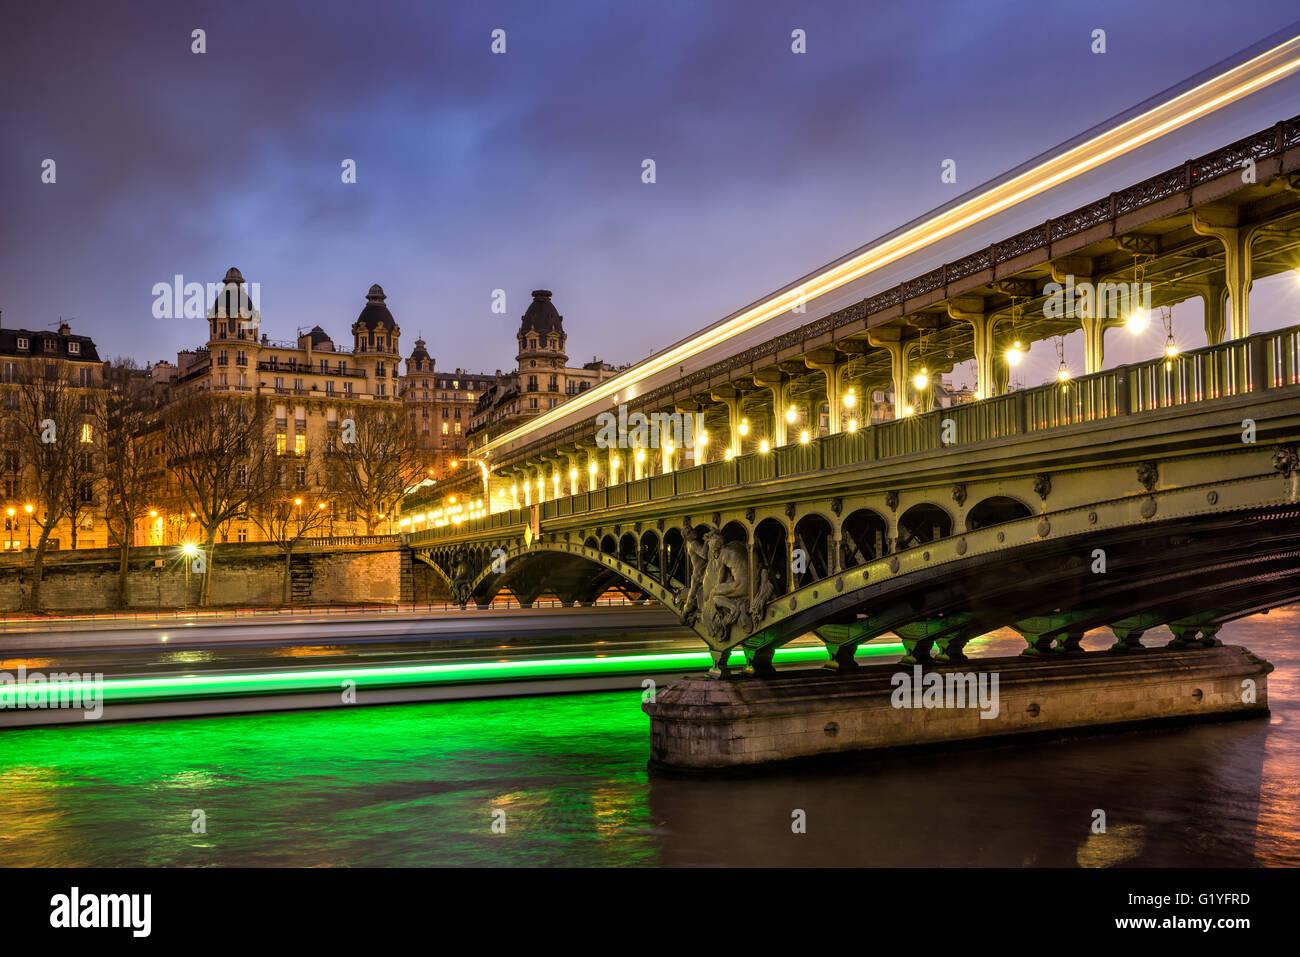 Paris-Bir-Hakeim-Brücke in der Dämmerung mit Wolken und Lichtspuren der Boote auf dem Fluss Seine. 16. Stockbild